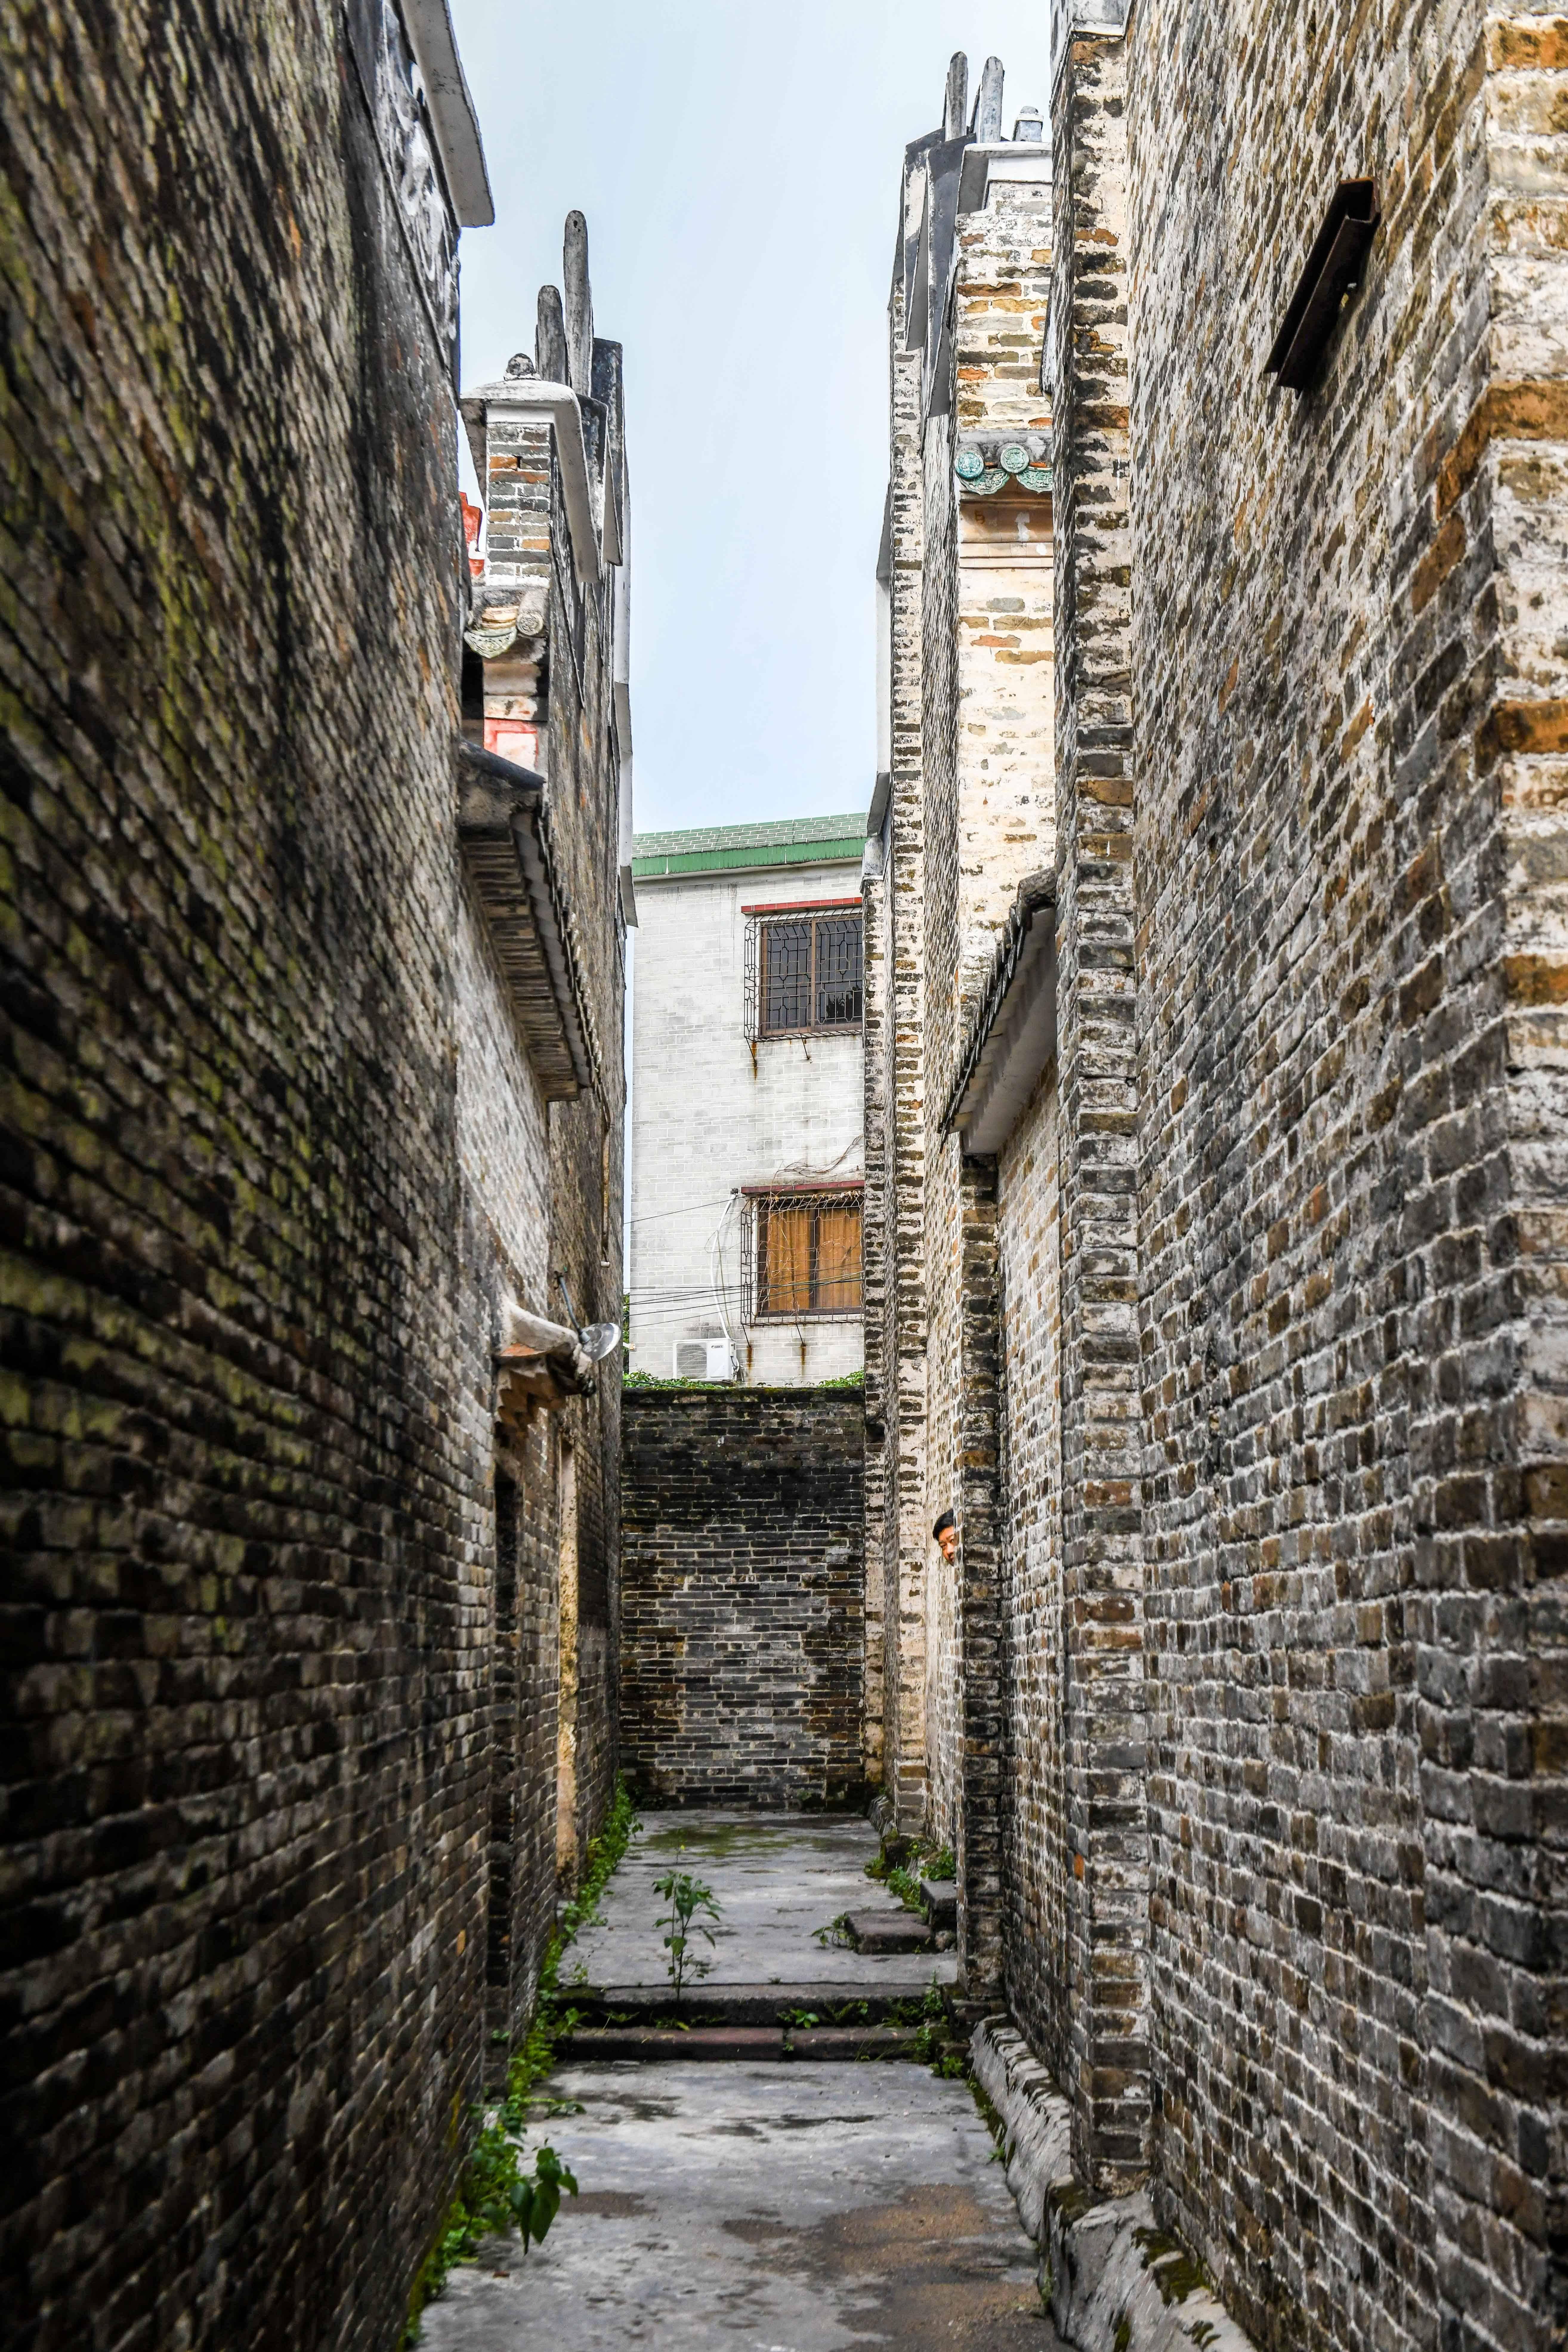 在广东云浮有处莲花福地,青砖小瓦还是梦里水乡,你想去看看吗?